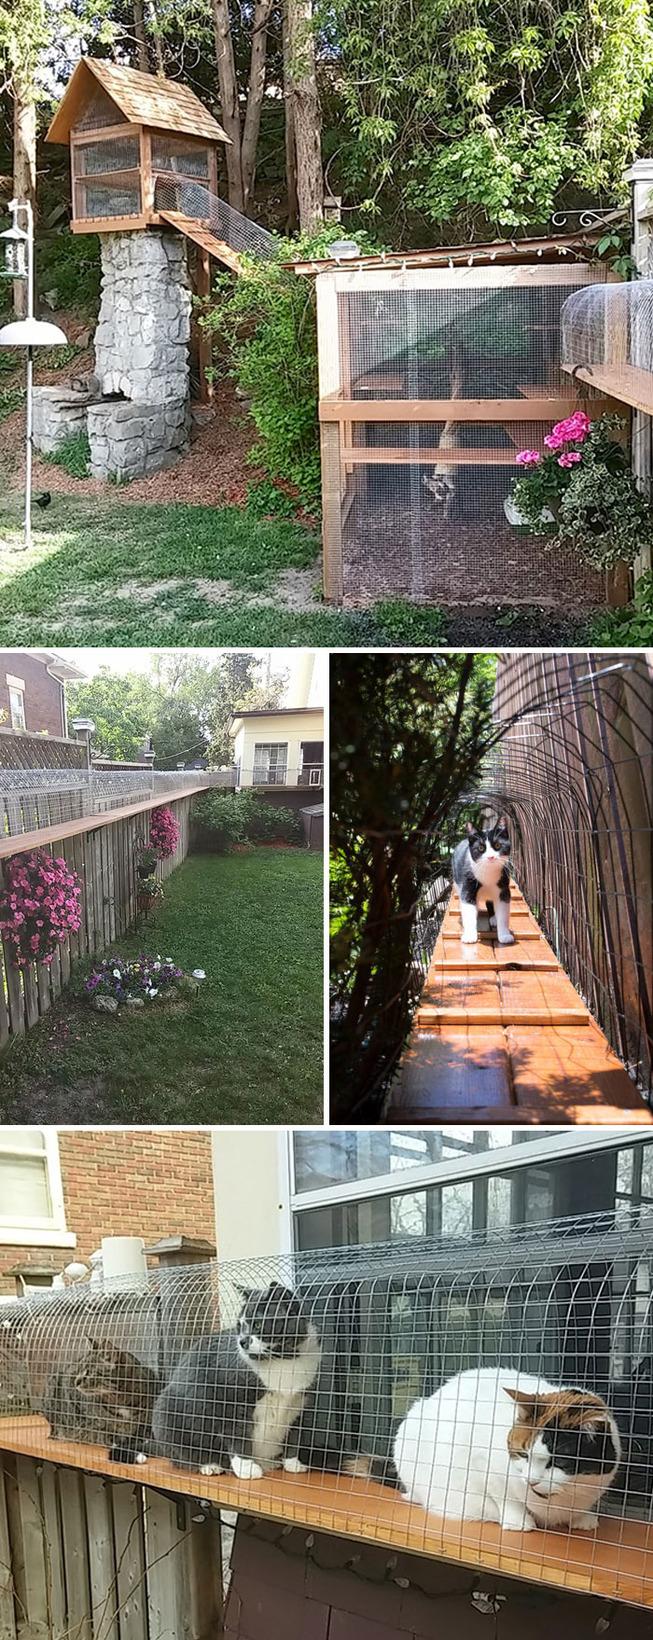 catios-cat-patios-outdoor-enclosures-42-5cf8ffae4dde1__700